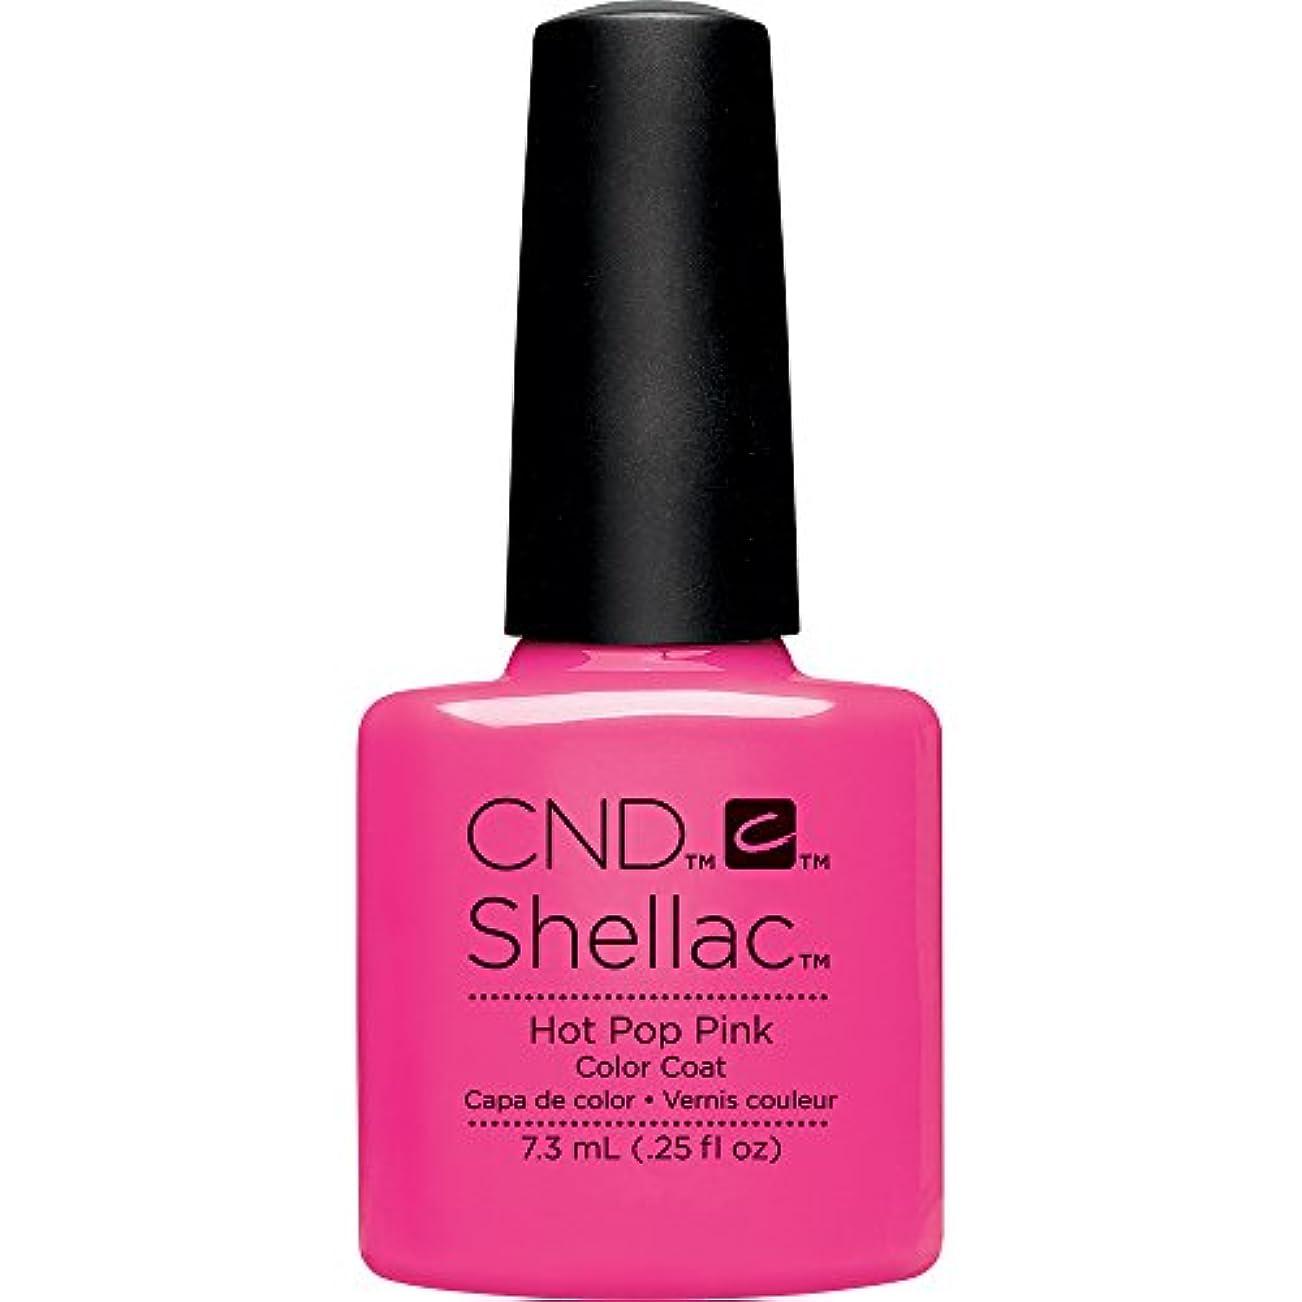 CND(シーエヌディー) シェラック UVカラーコート 519 Hot Pop Pink(マット) 7.3ml